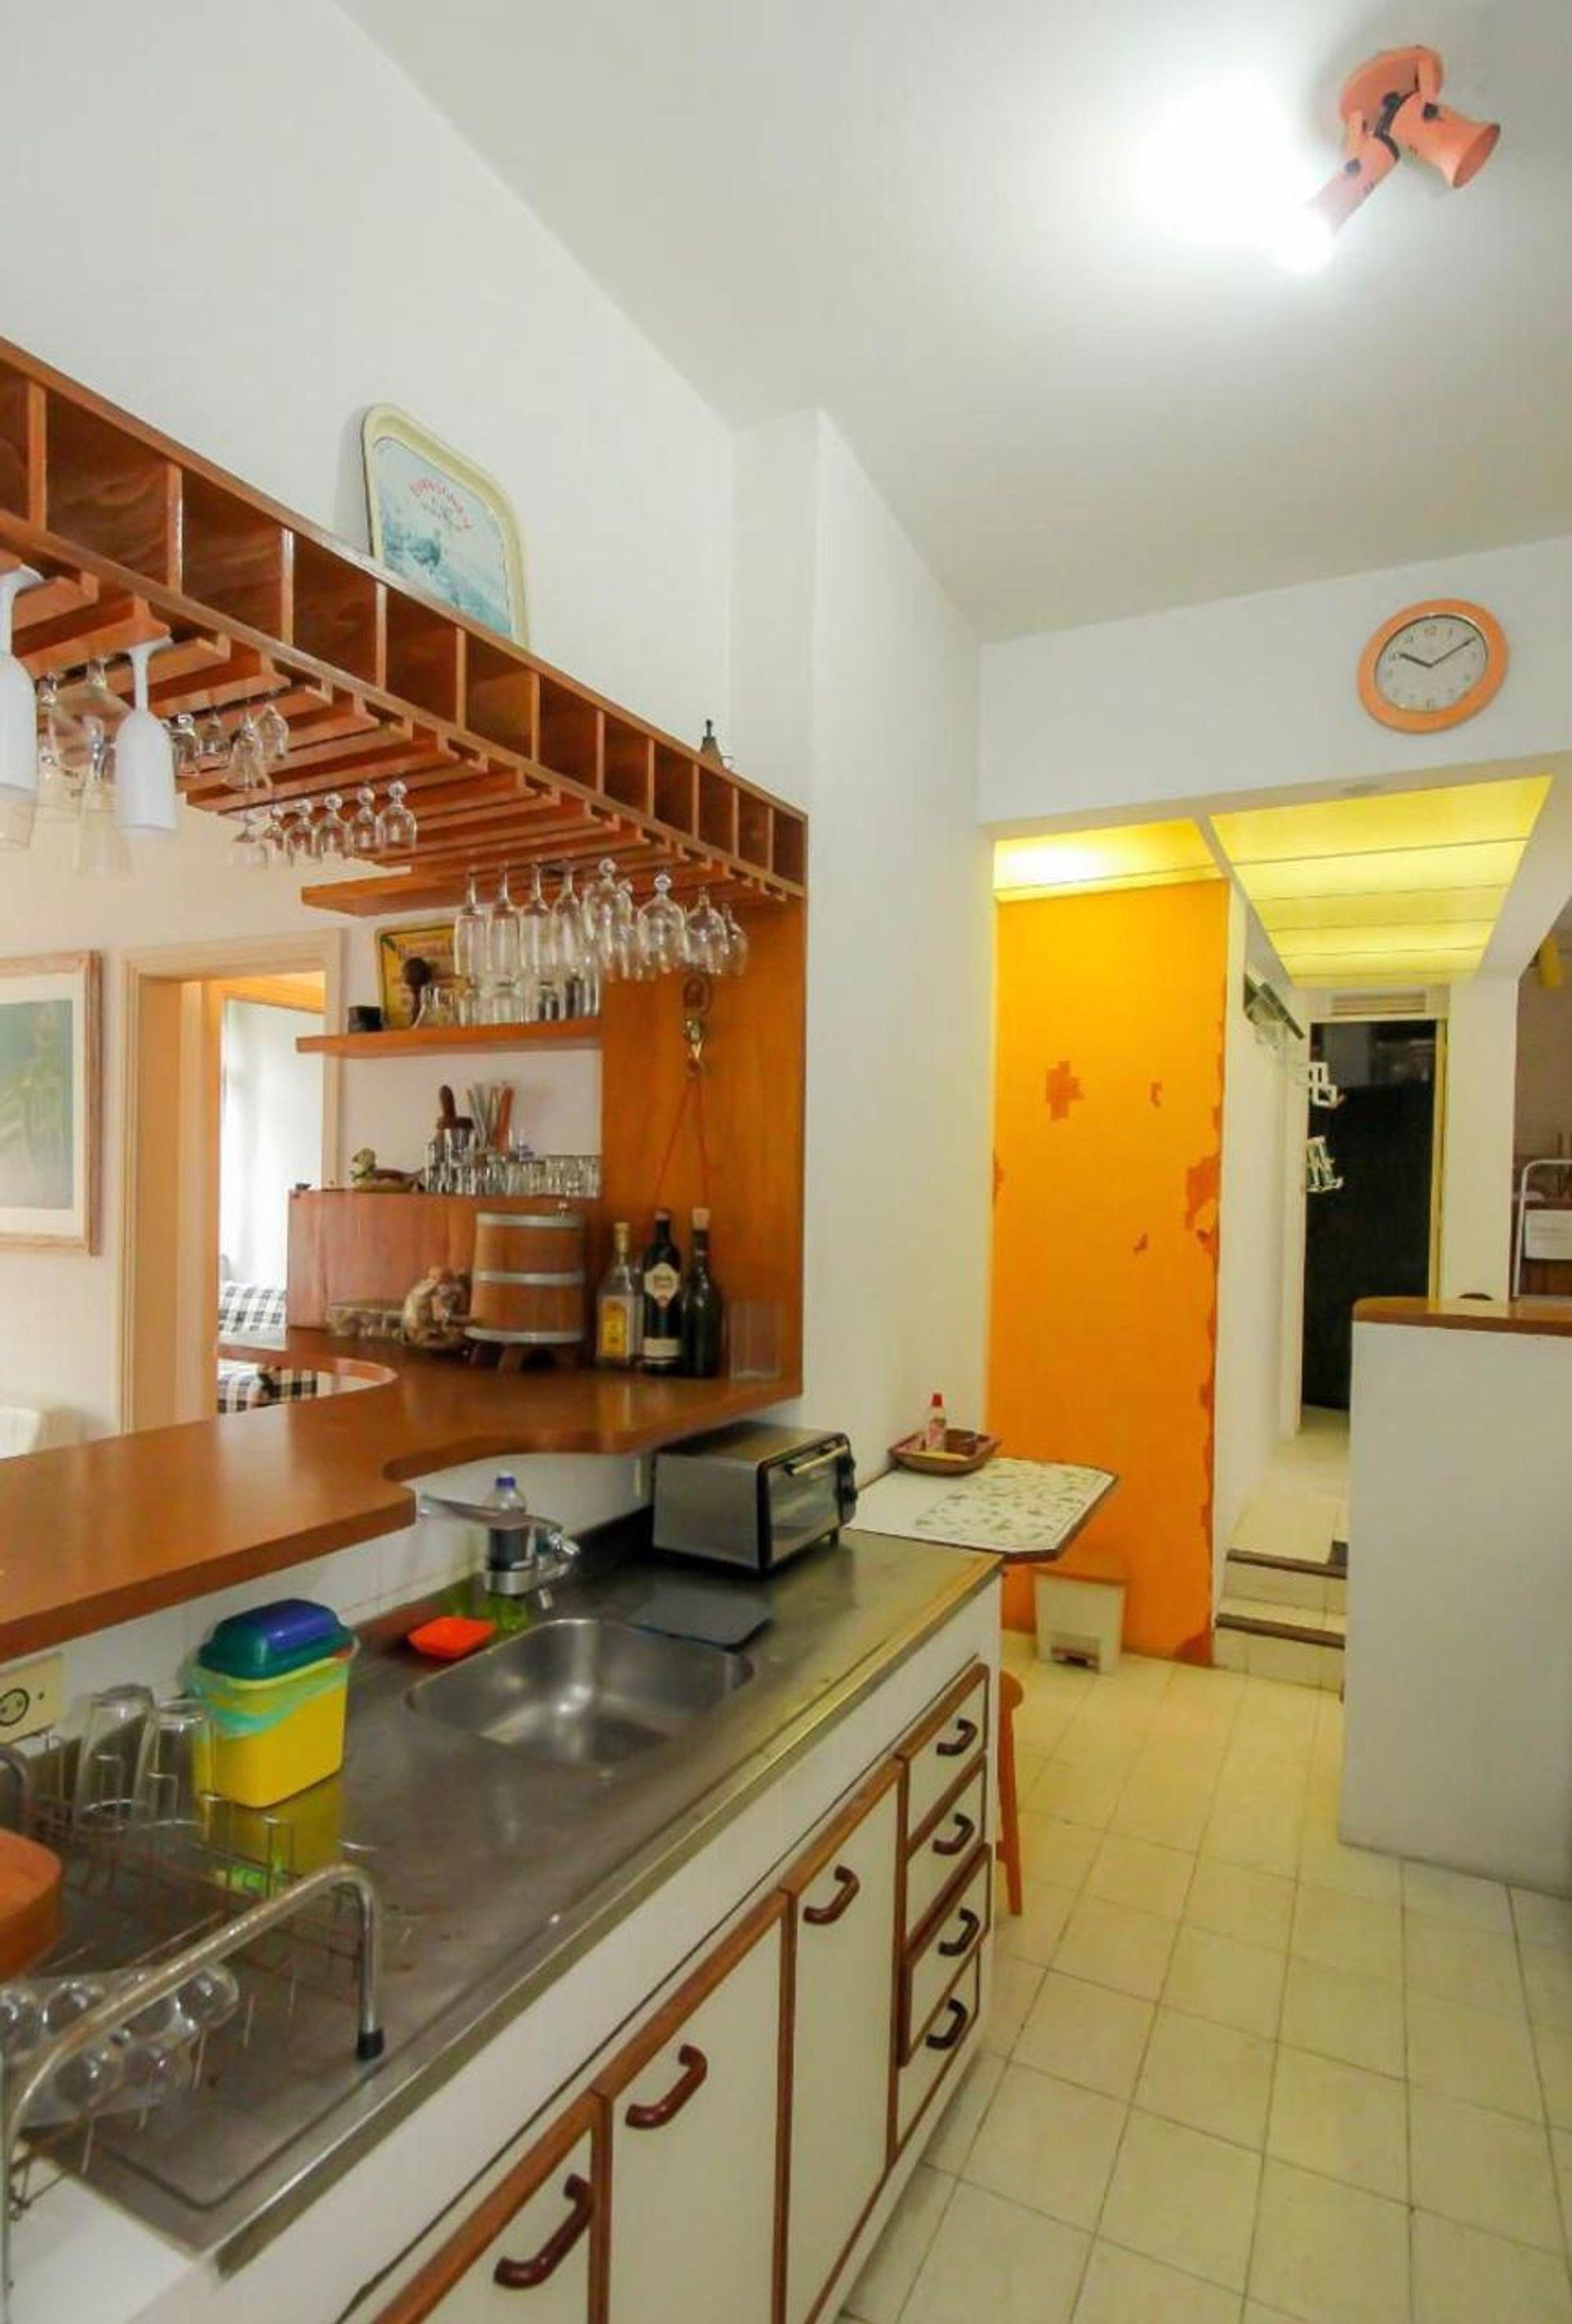 Foto de Cozinha com copo de vinho, garrafa, pia, microondas